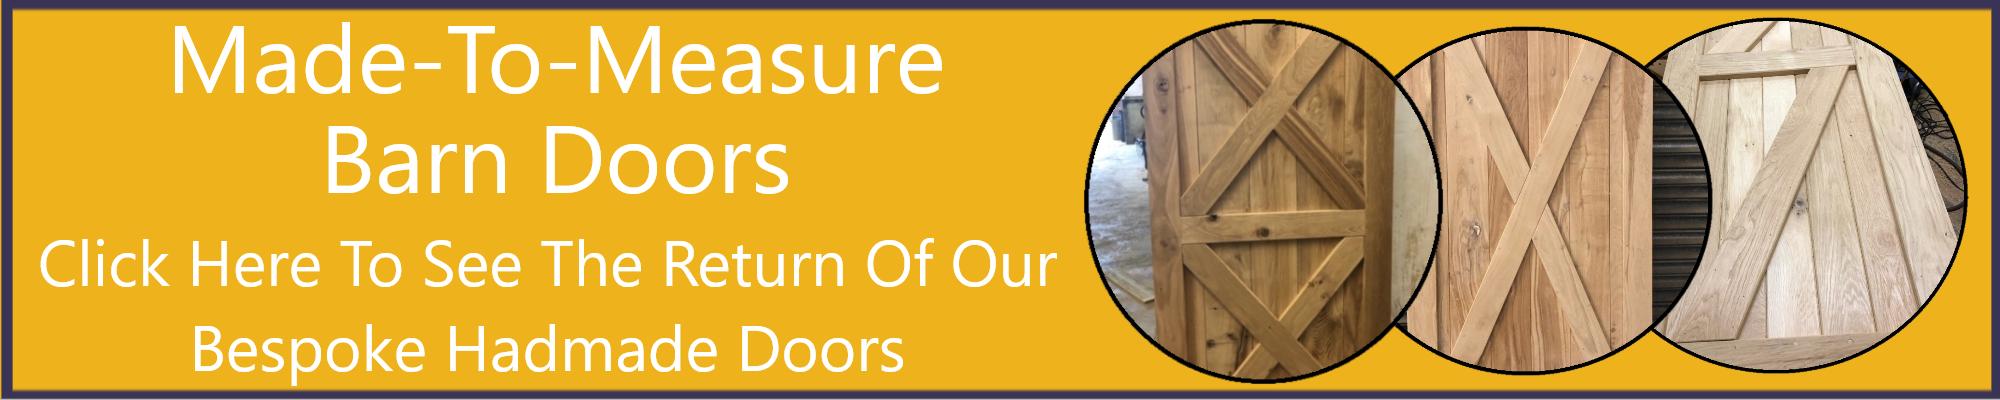 Internal Doors, Handmade Doors, External Doors, Barn Doors